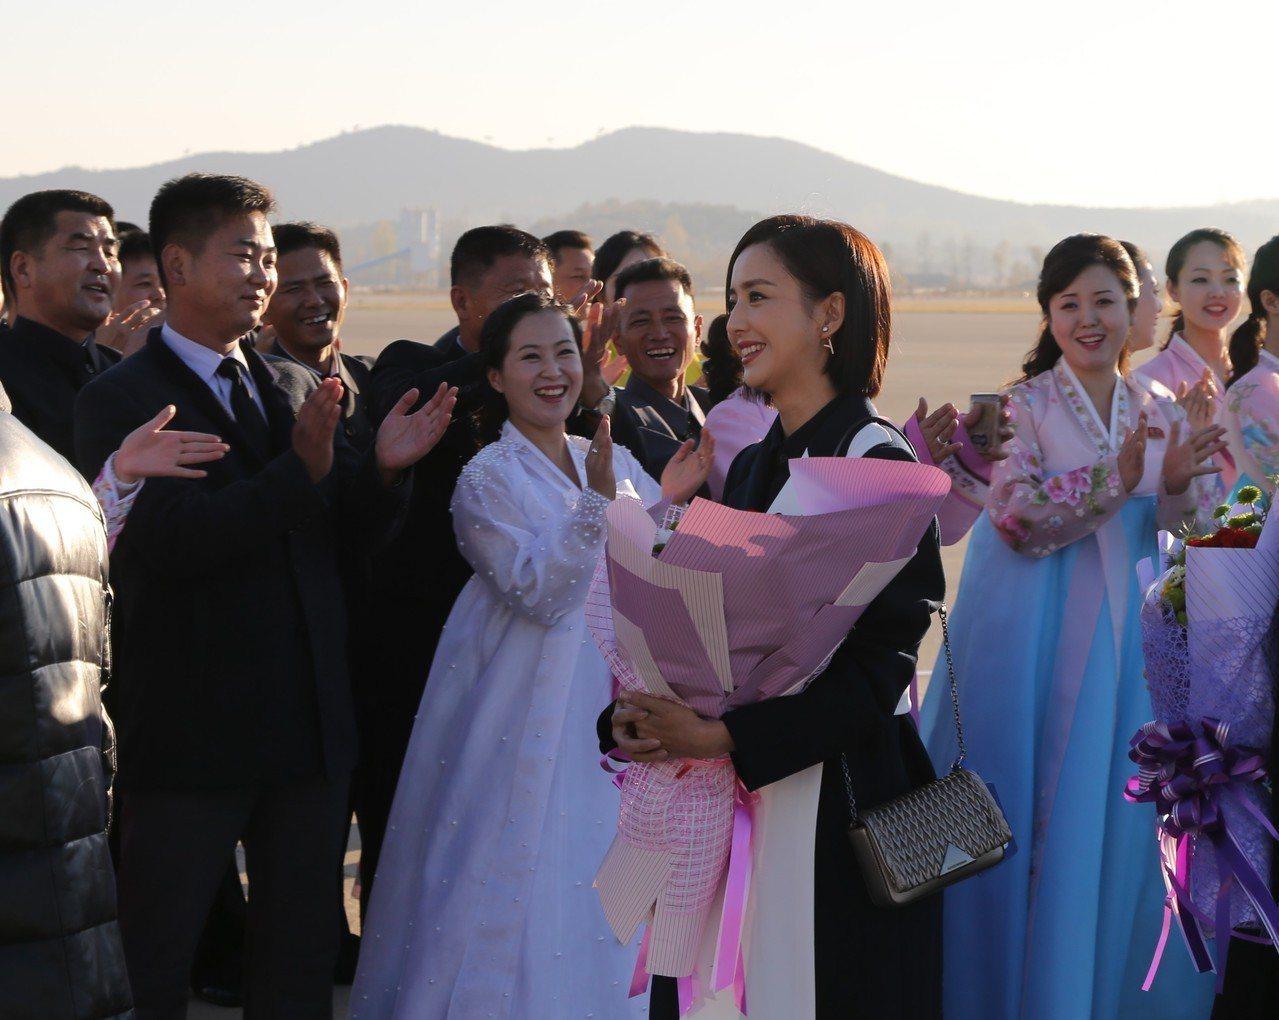 中國文藝工作者代表團訪問朝鮮,金正恩觀看表演。 新華社